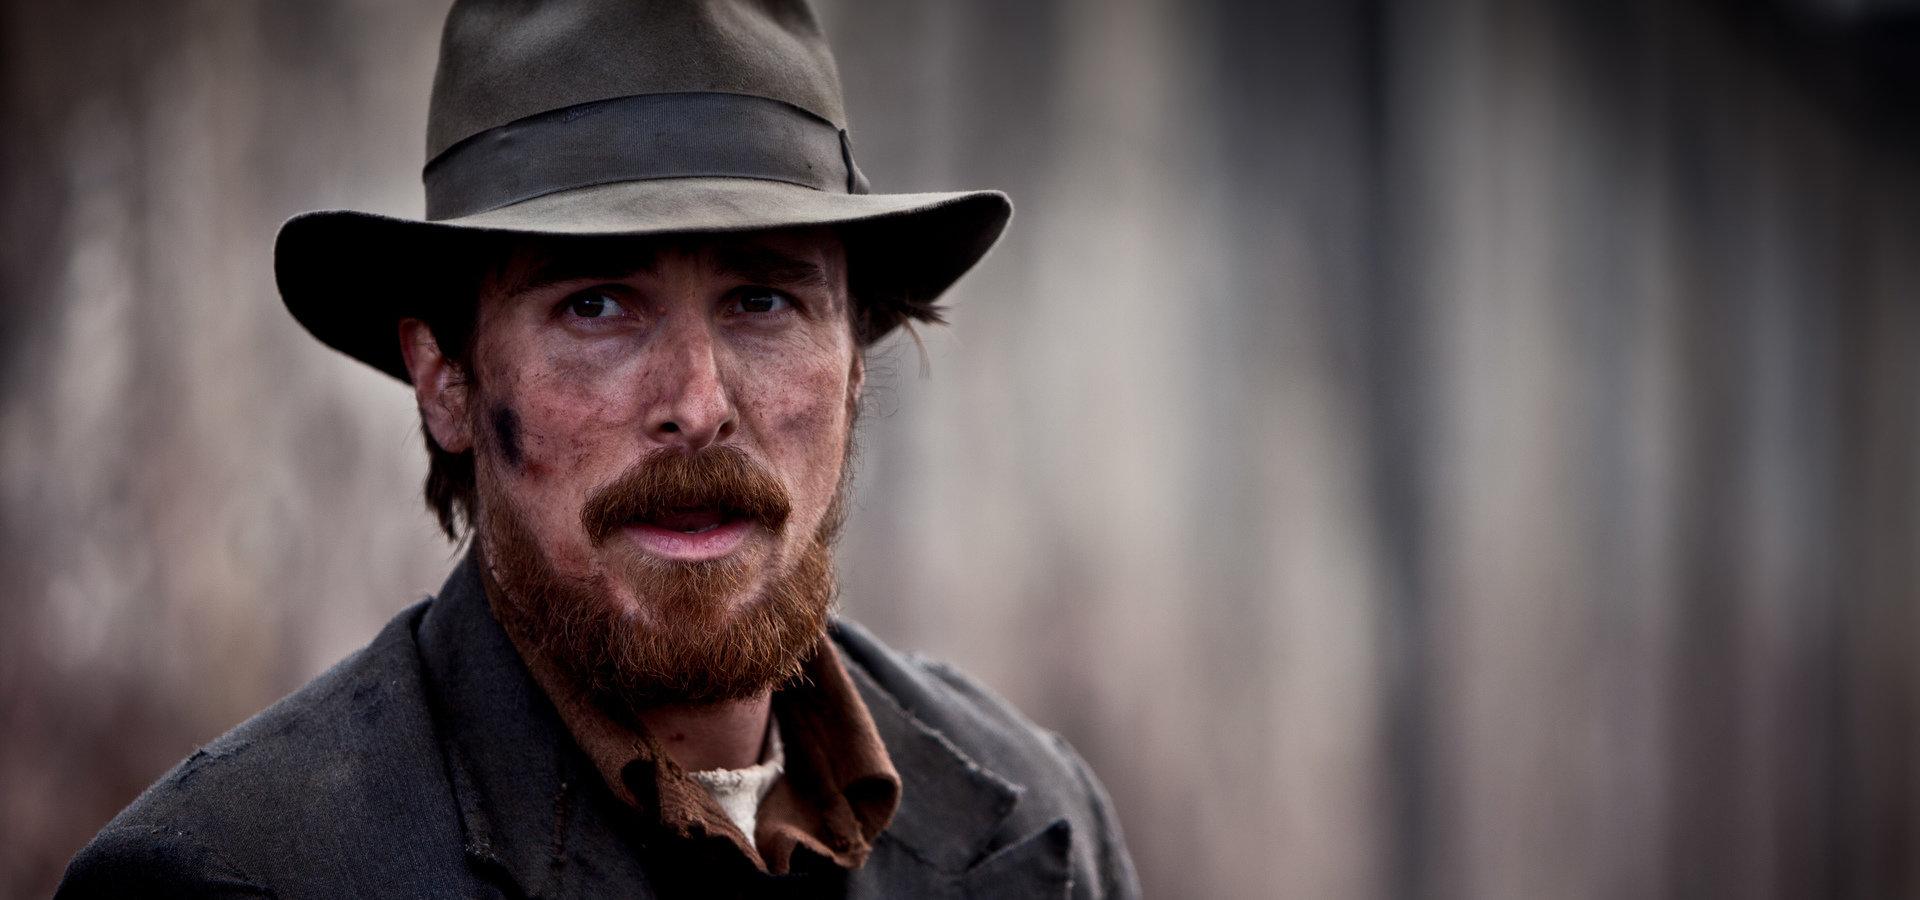 """Christian Bale w dramacie historycznym """"Kwiaty wojny"""" – 1 stycznia  w Ale kino+"""